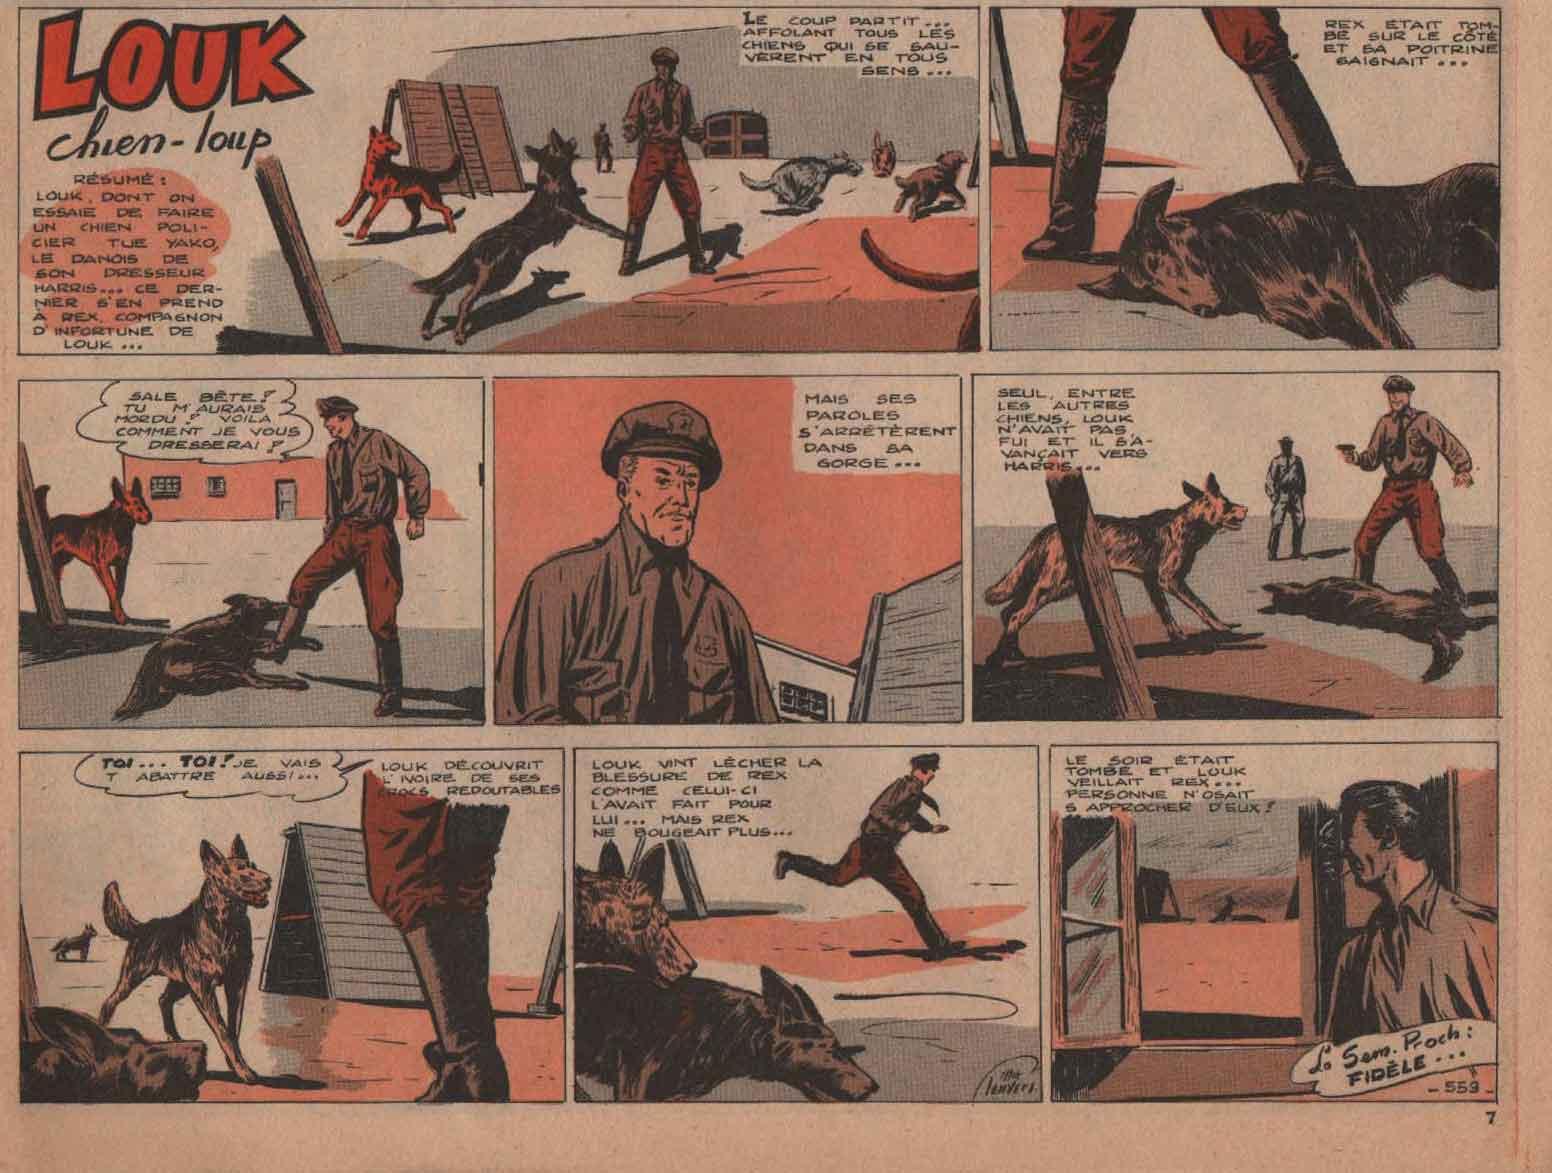 «Louk chien loup»: Vaillant n° 610 (01/956).